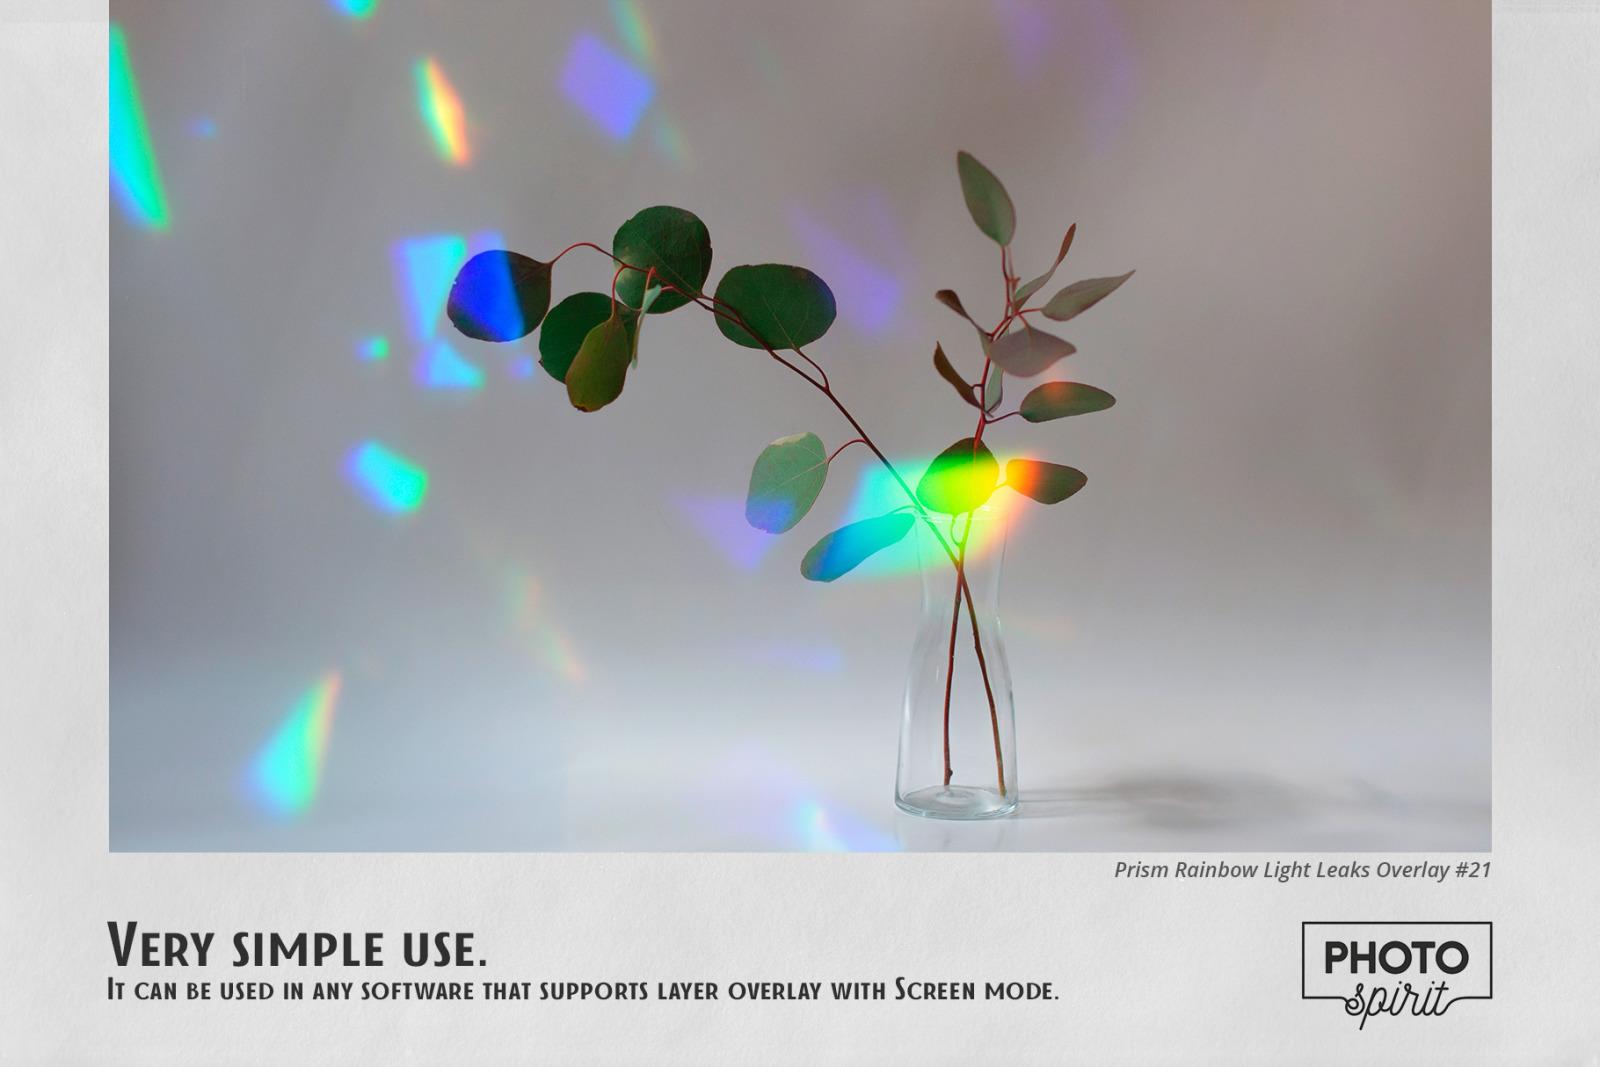 Prism Rainbow Light Leaks Overlays